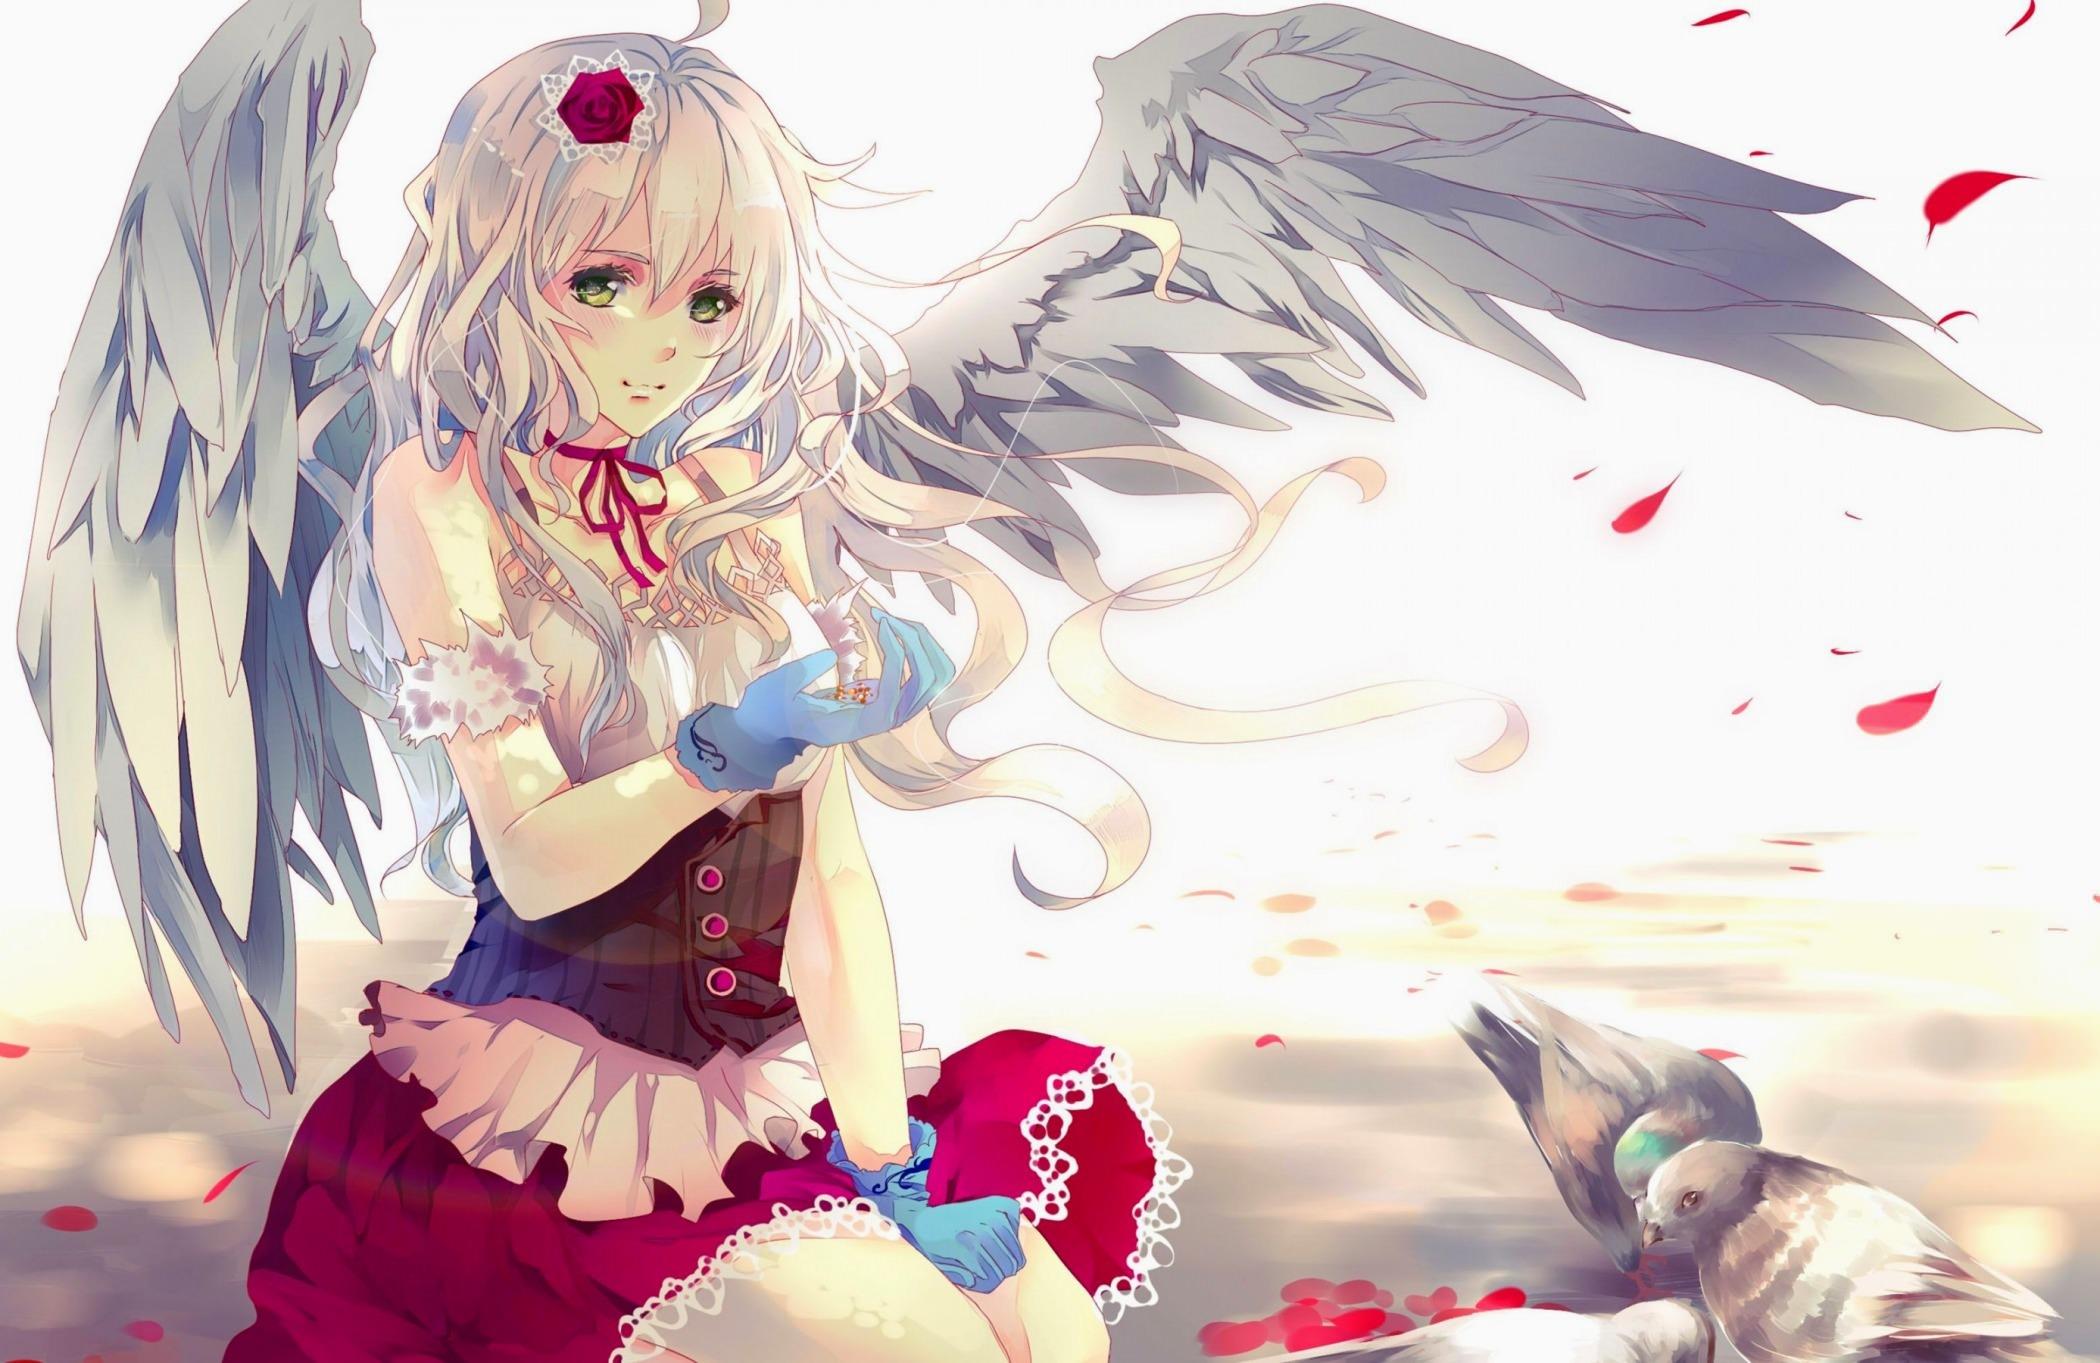 Фото Прекрасная девушка ангел, ангелочек, красная юбка, лепестки, белые крылья, скачать картинку бесплатно